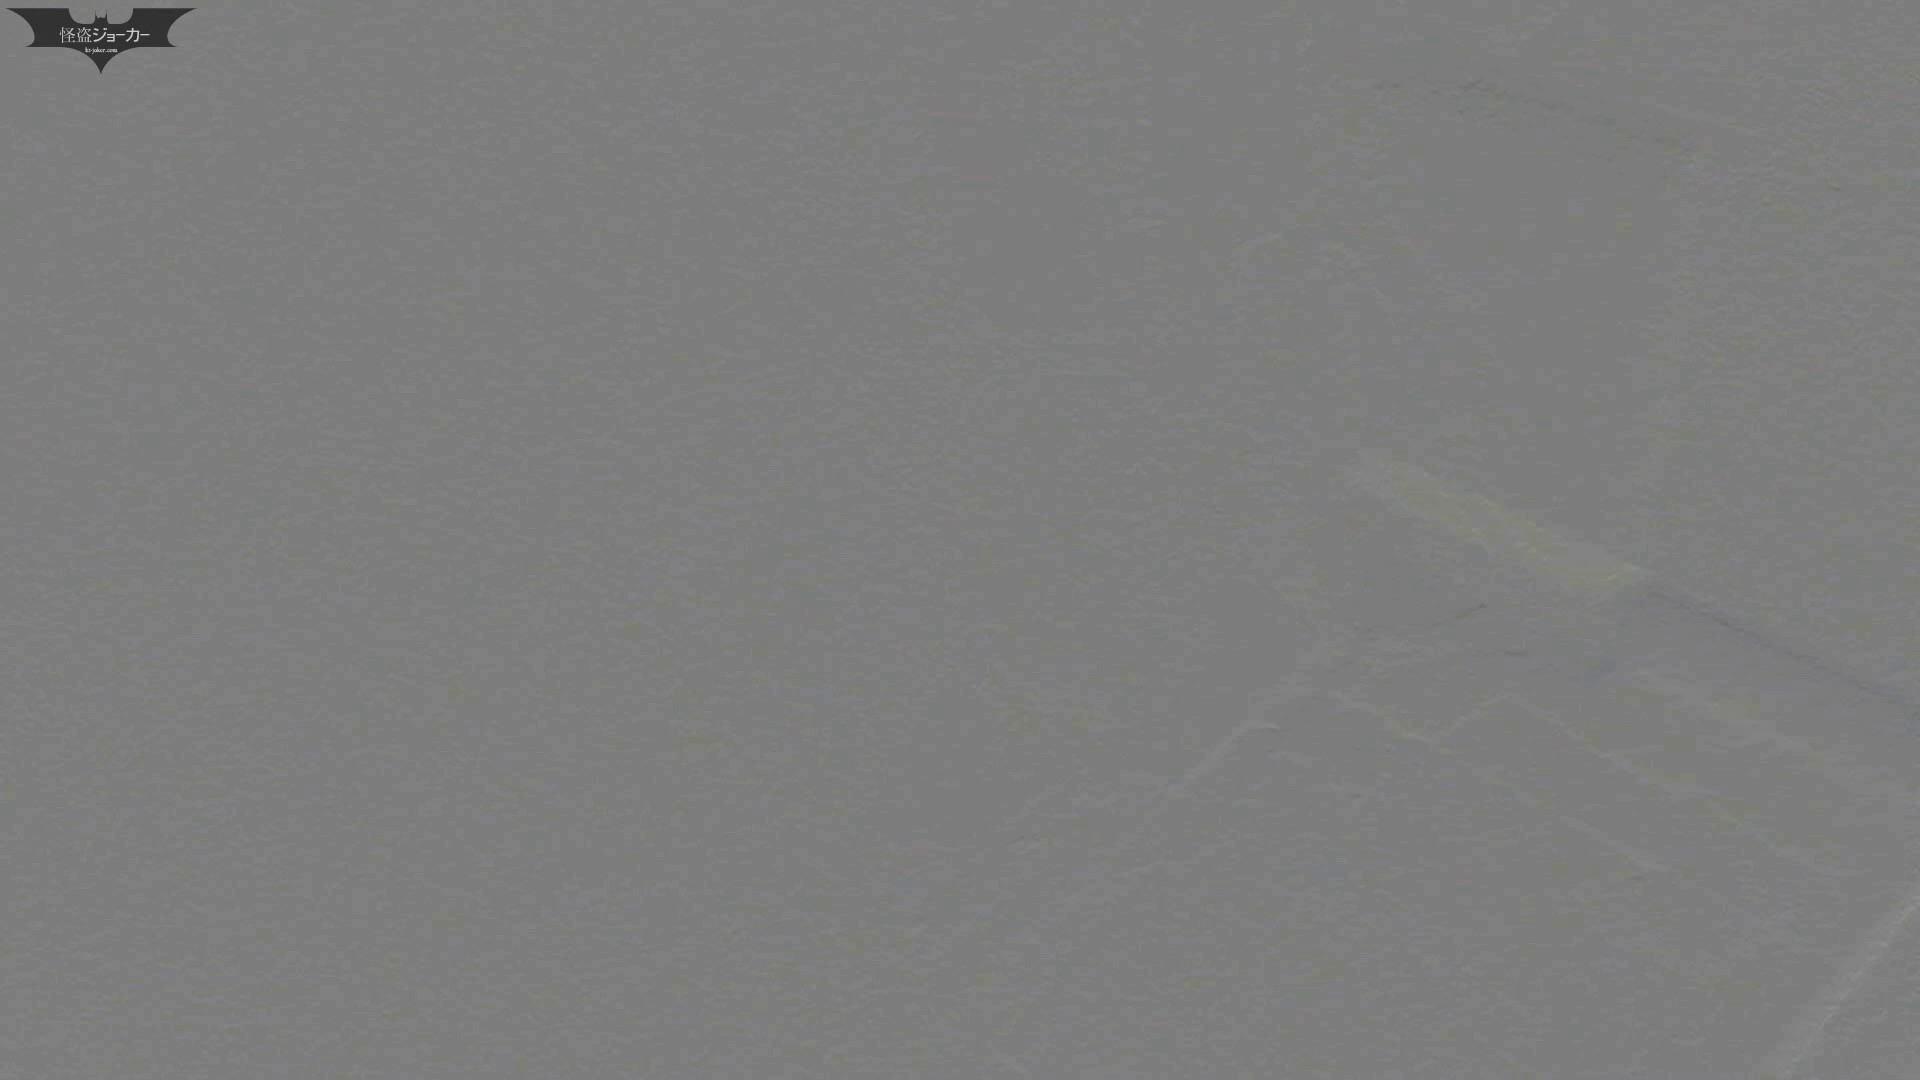 Vol.06 ピチピチが入室きめ細かくマッシュルームのような肌に癒される 高画質  70PIX 64